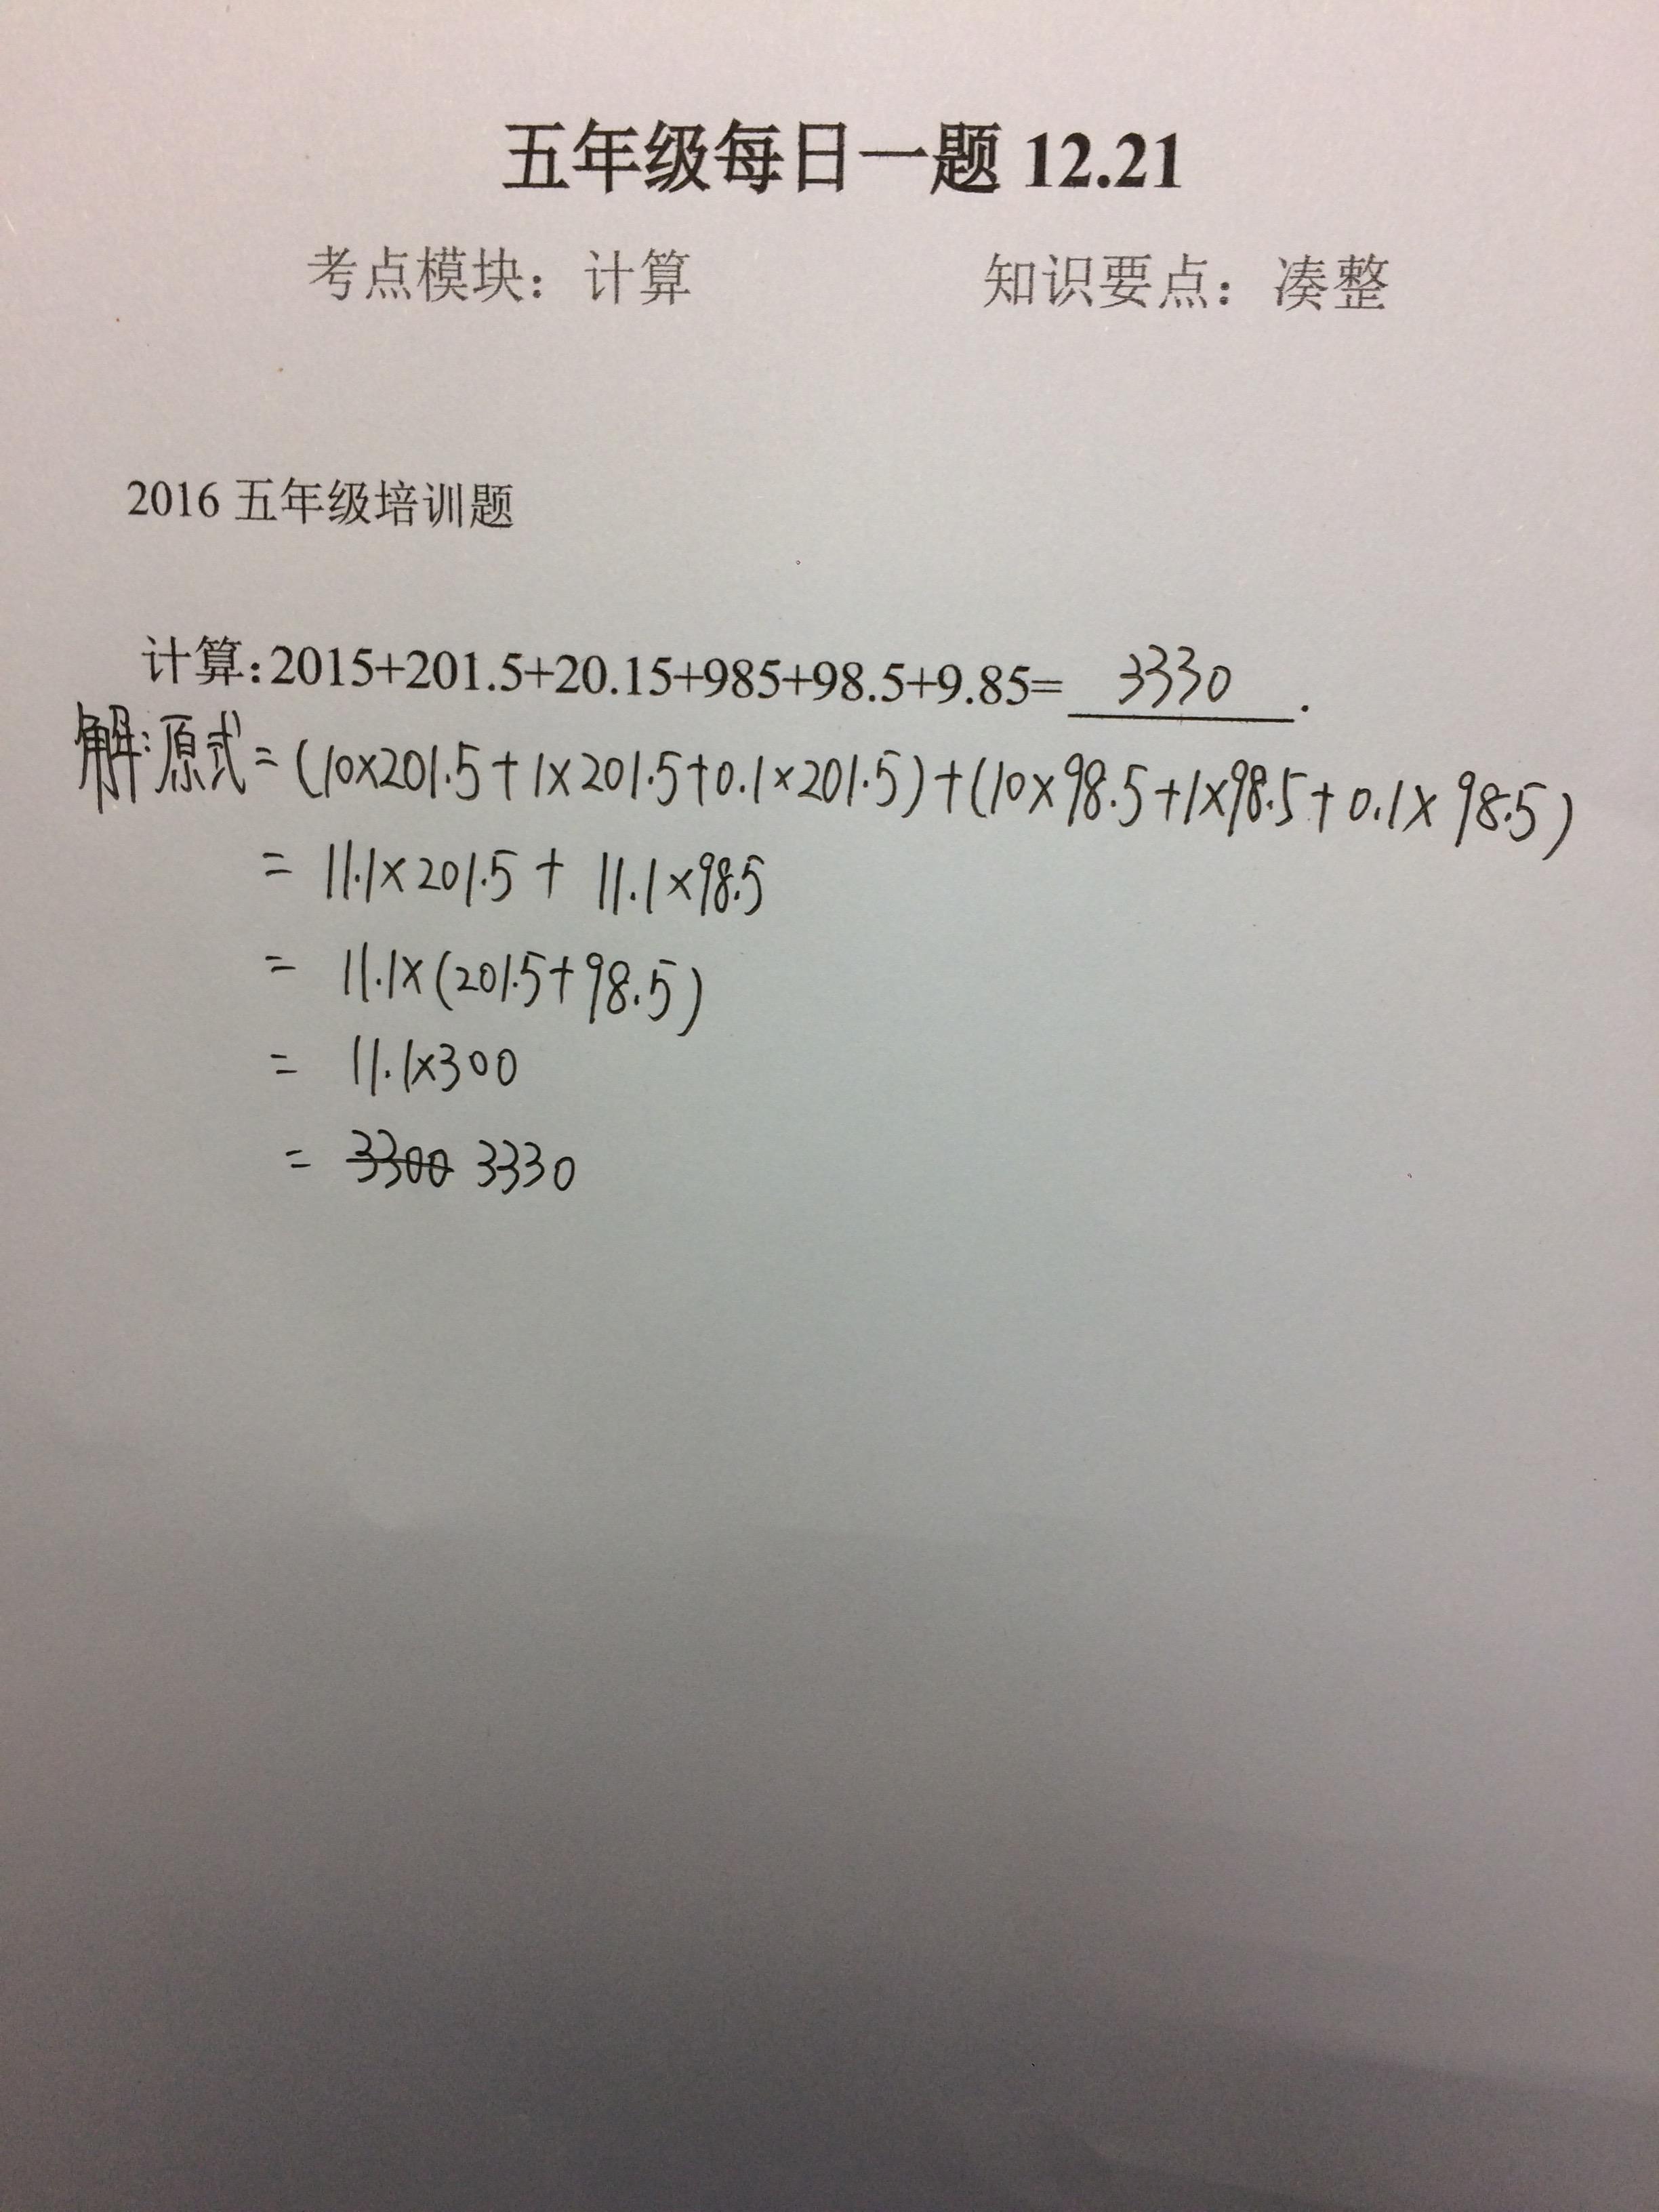 9E05F367-2D30-44D8-A471-251764C47CE9.jpg